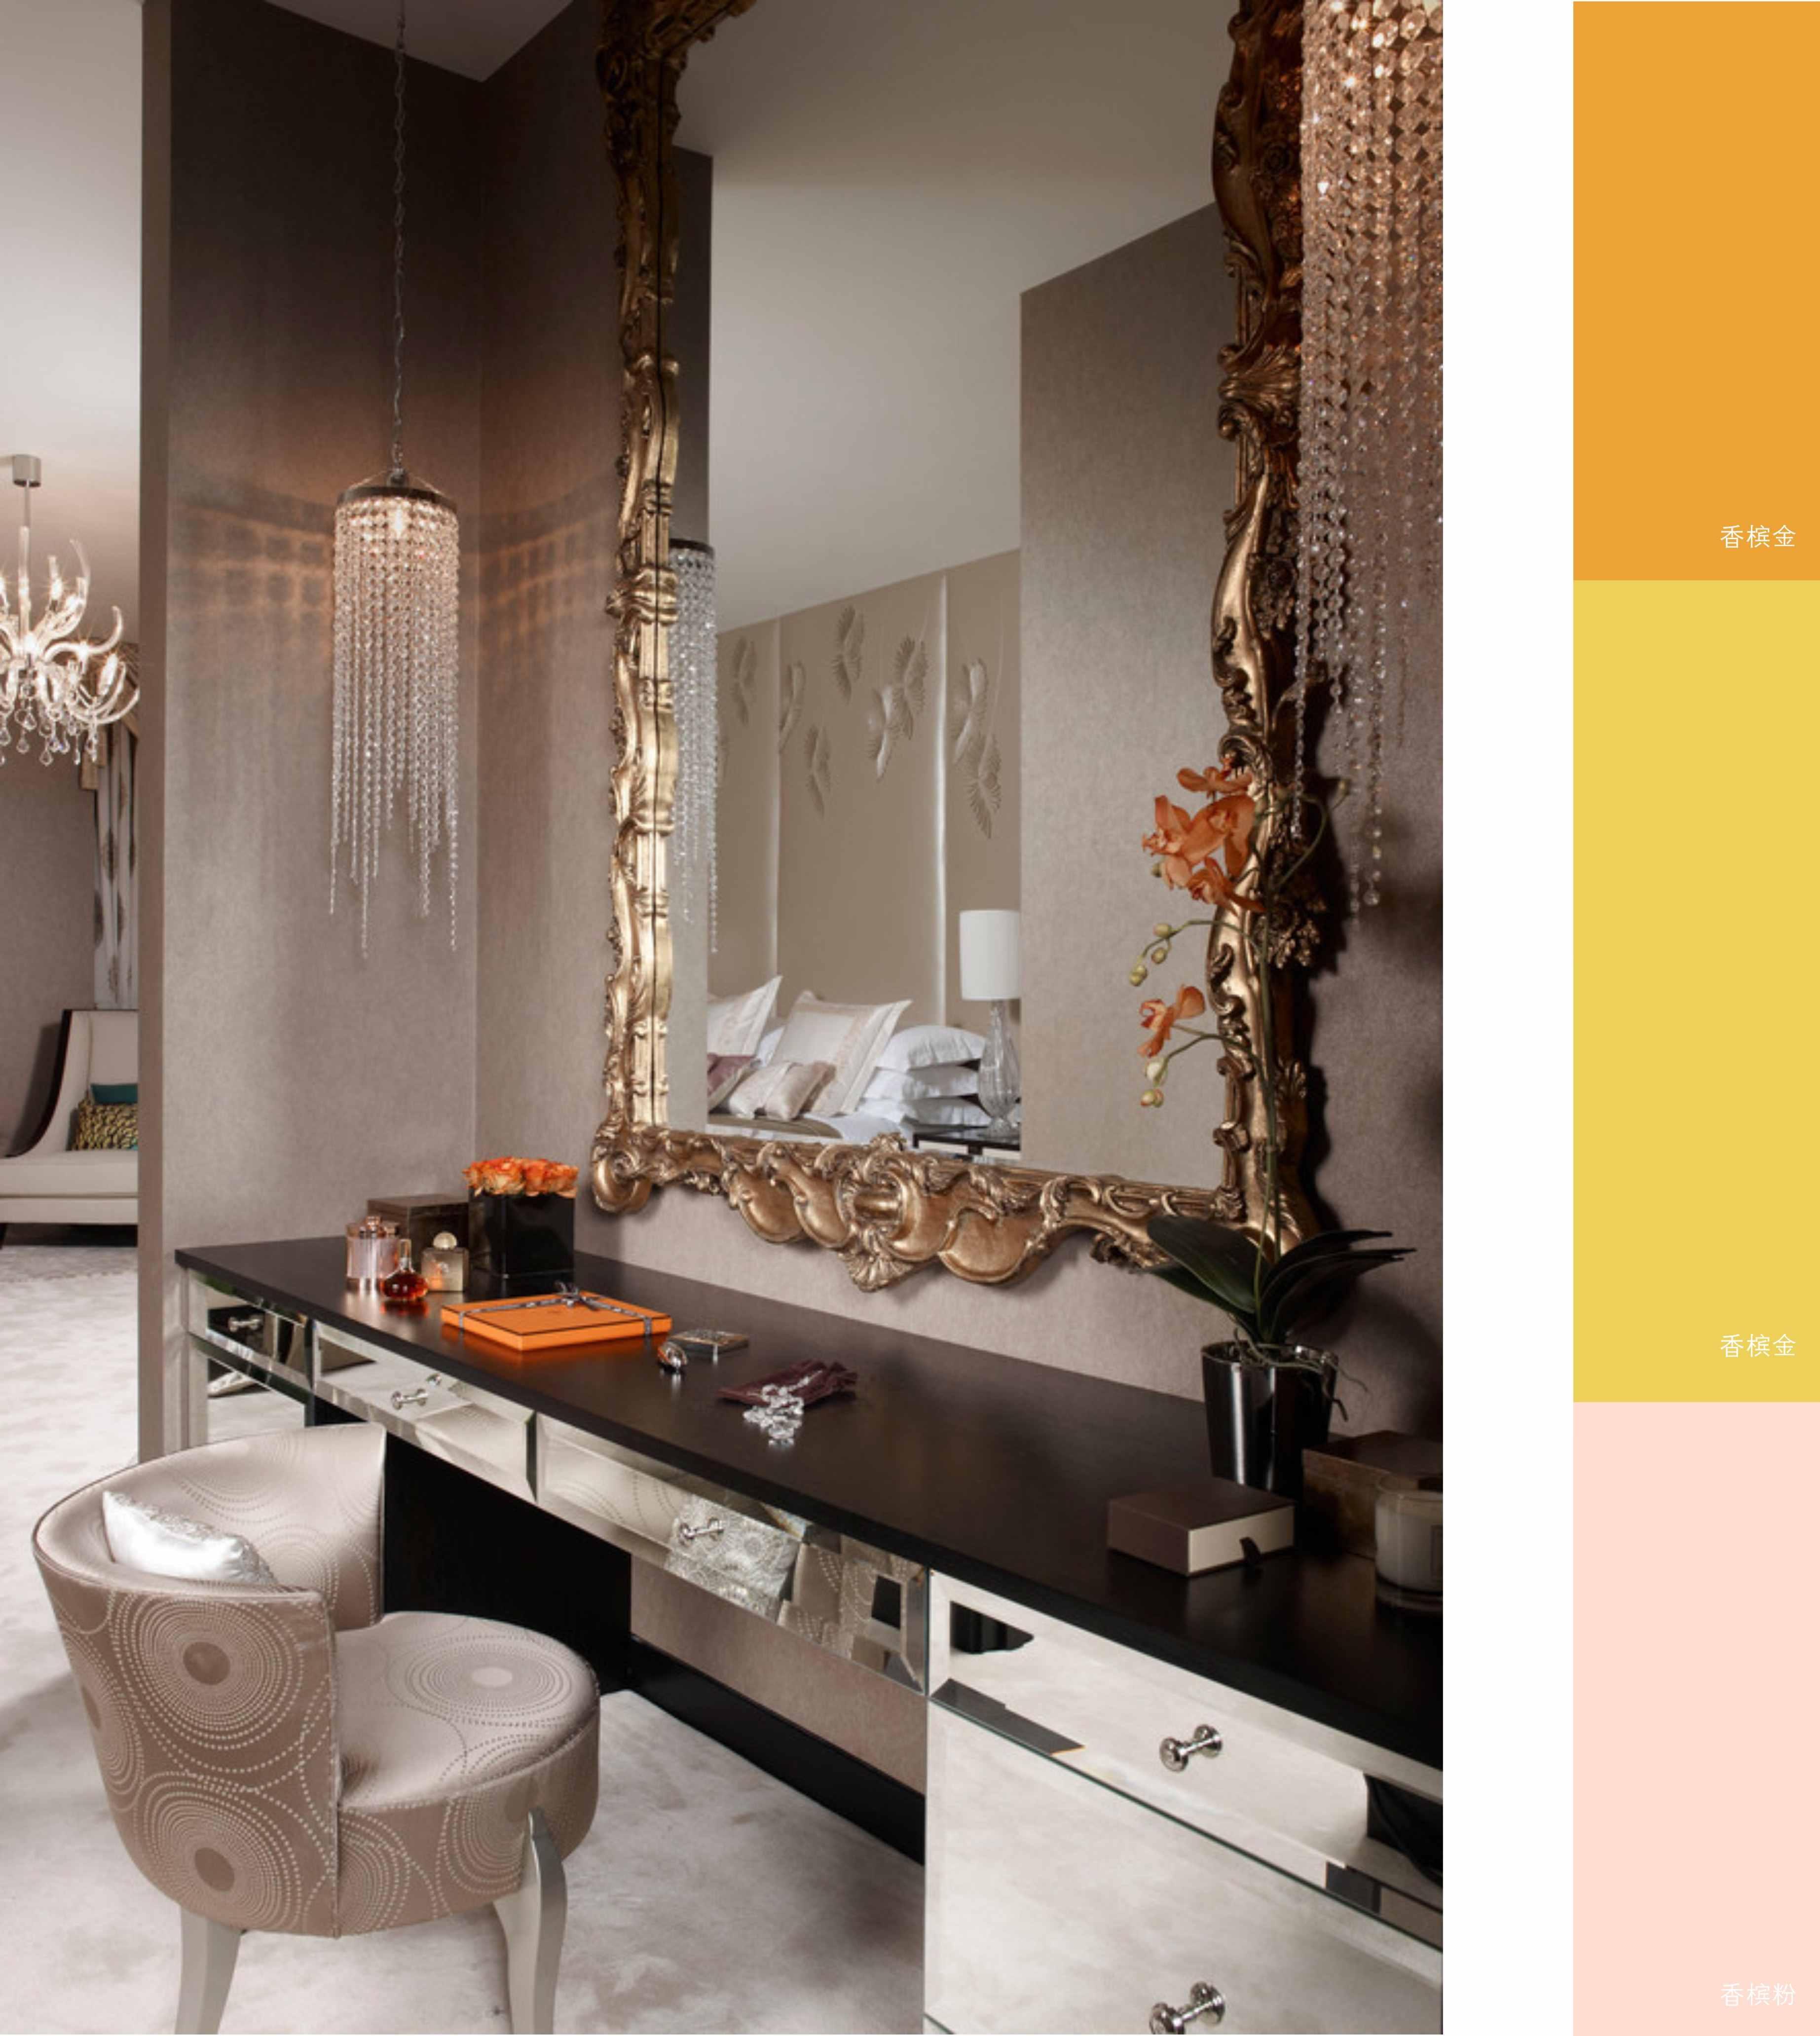 软装设计与色彩学-香槟色系